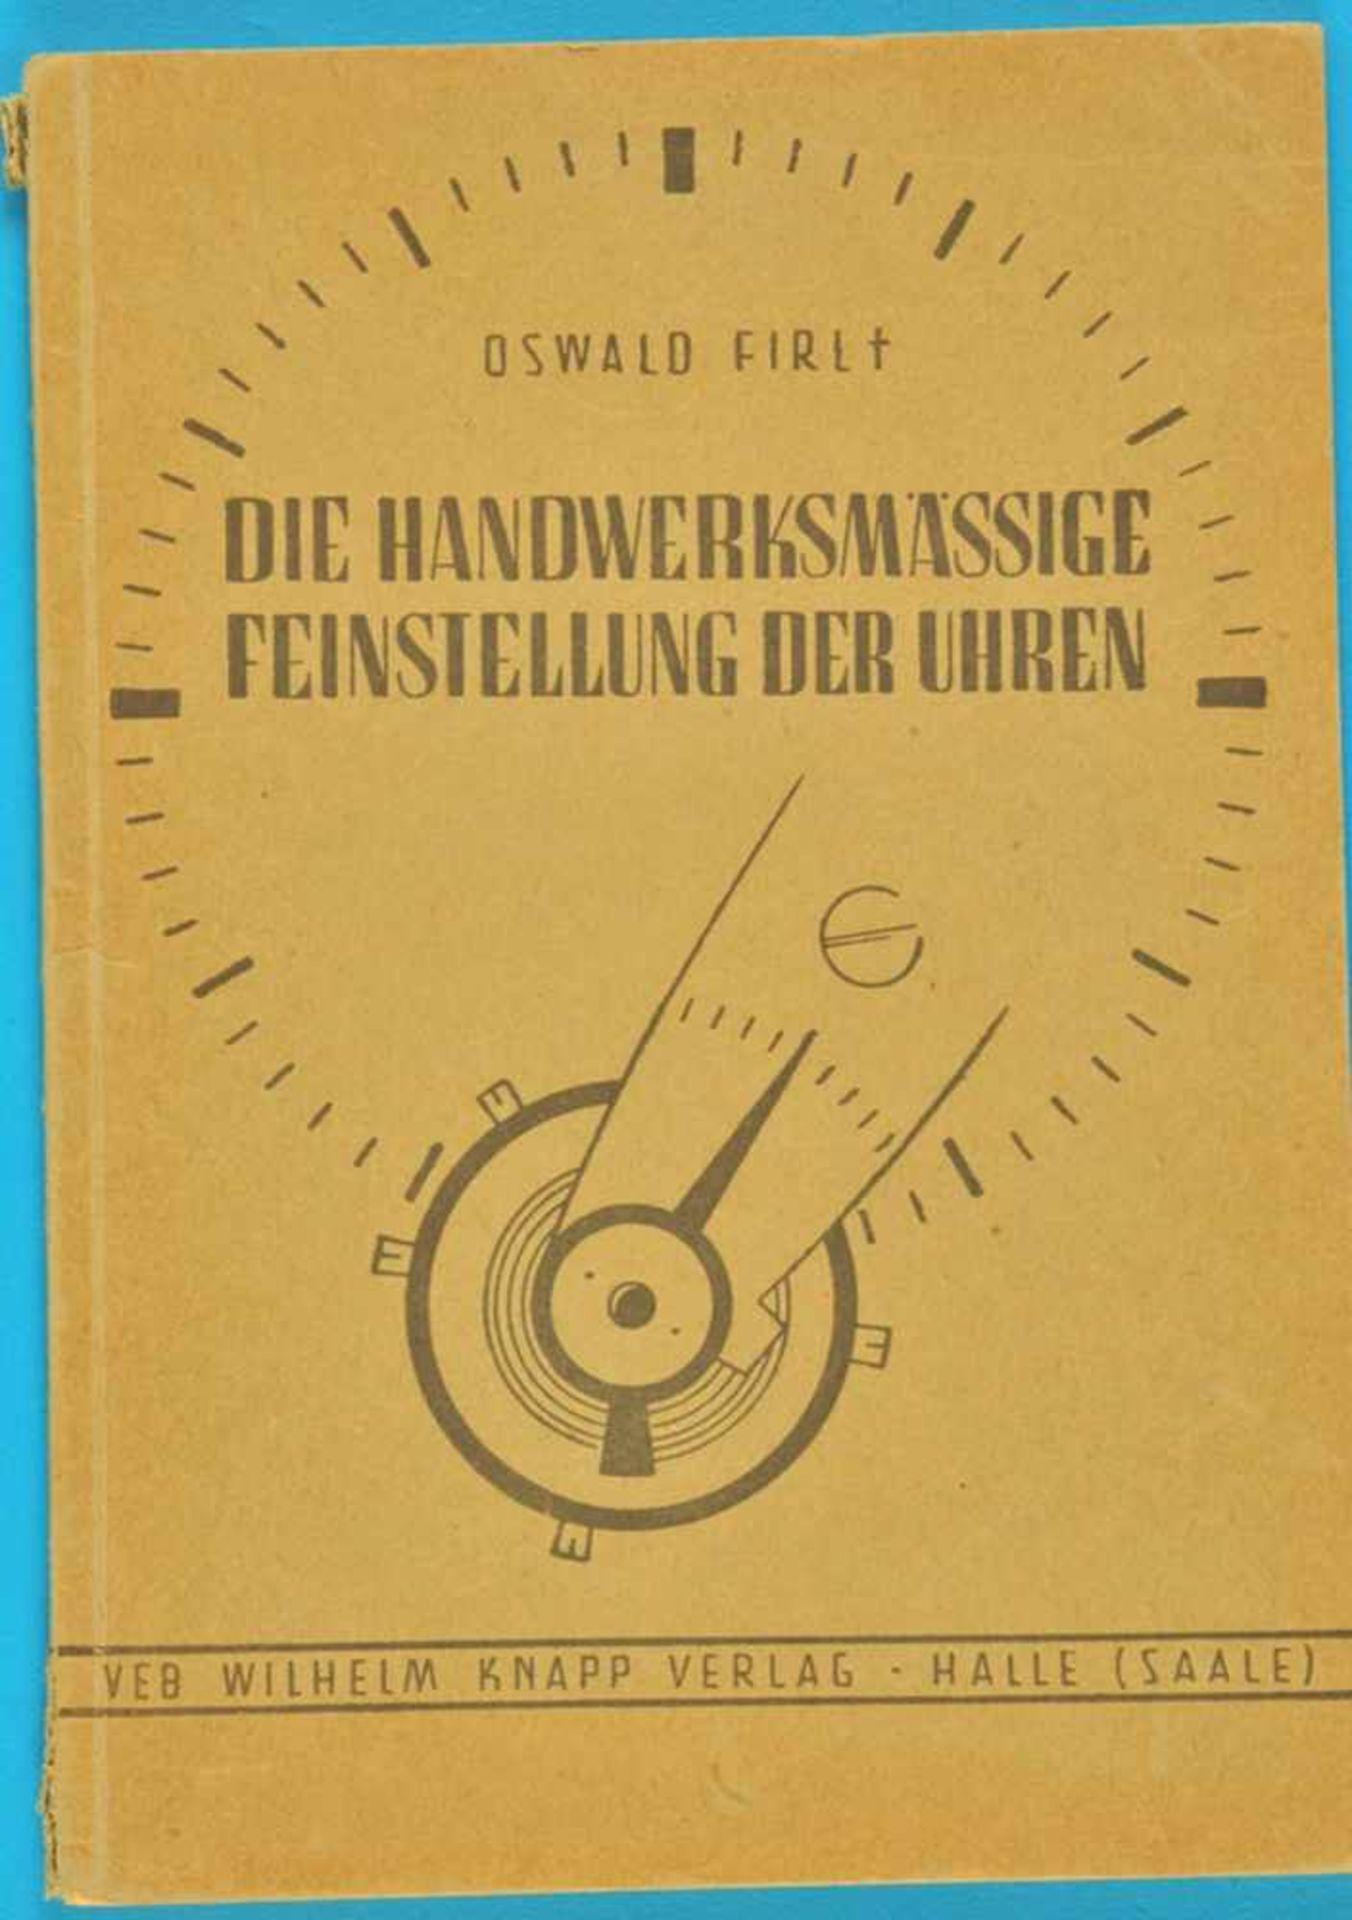 Oswald Firl, Die handwerksmäßige Feinstellung der Uhren, 1956Oswald Firl, Die handwerksmäßige